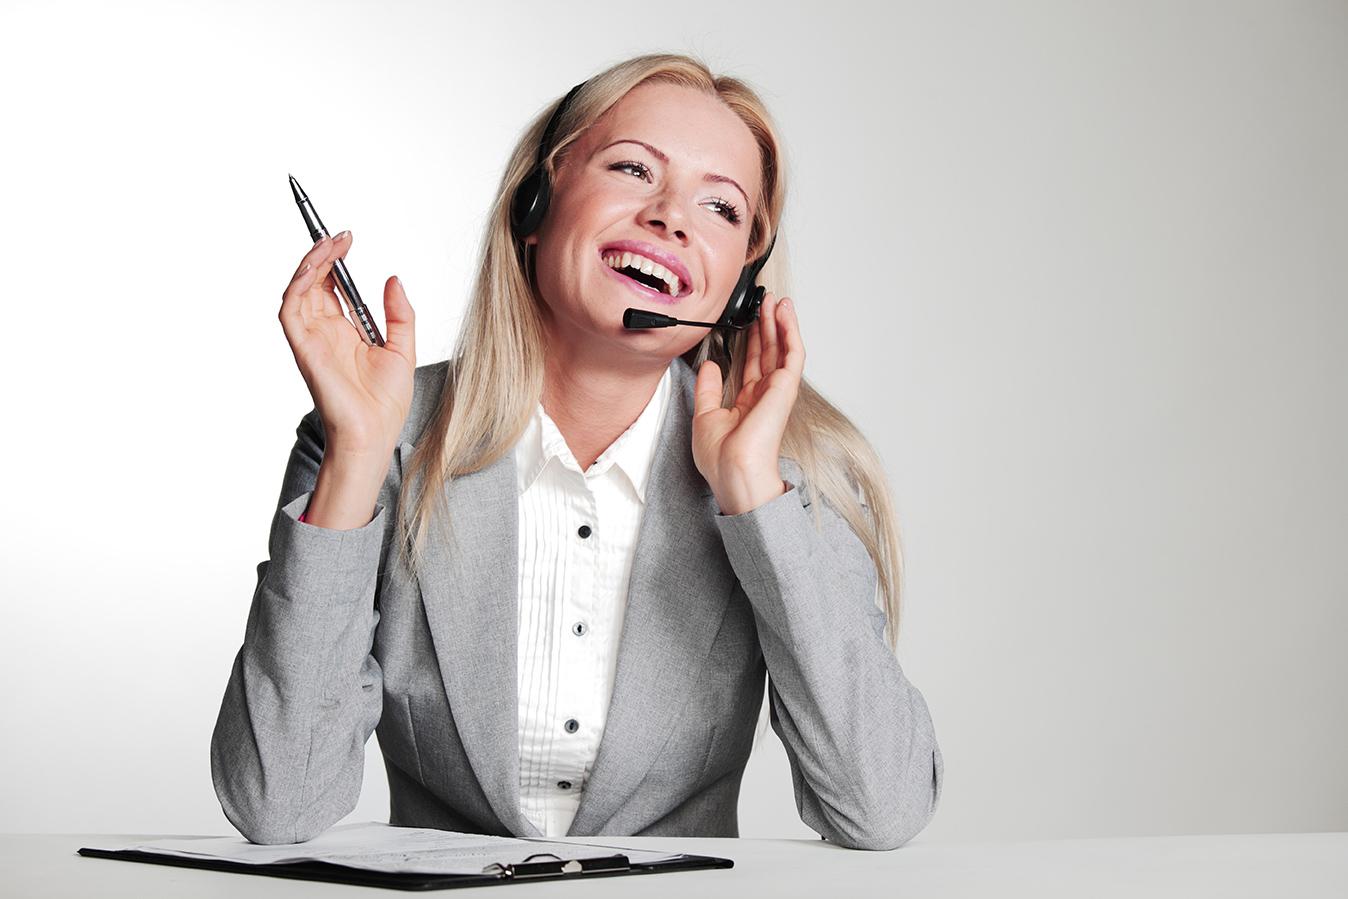 Российские бизнес леди фото 3 фотография